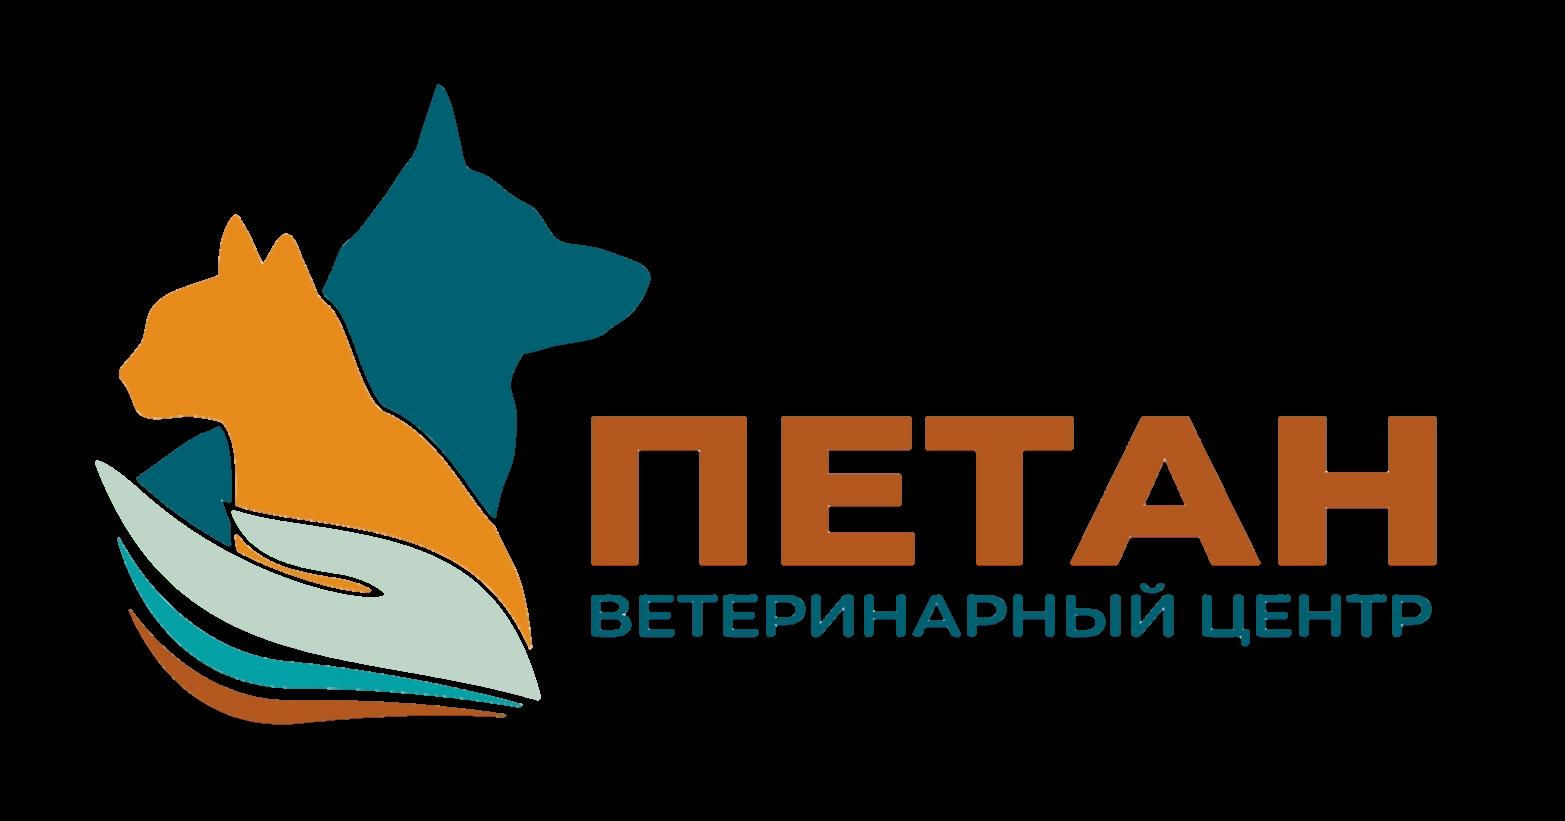 Ветеринарная клиника Петан